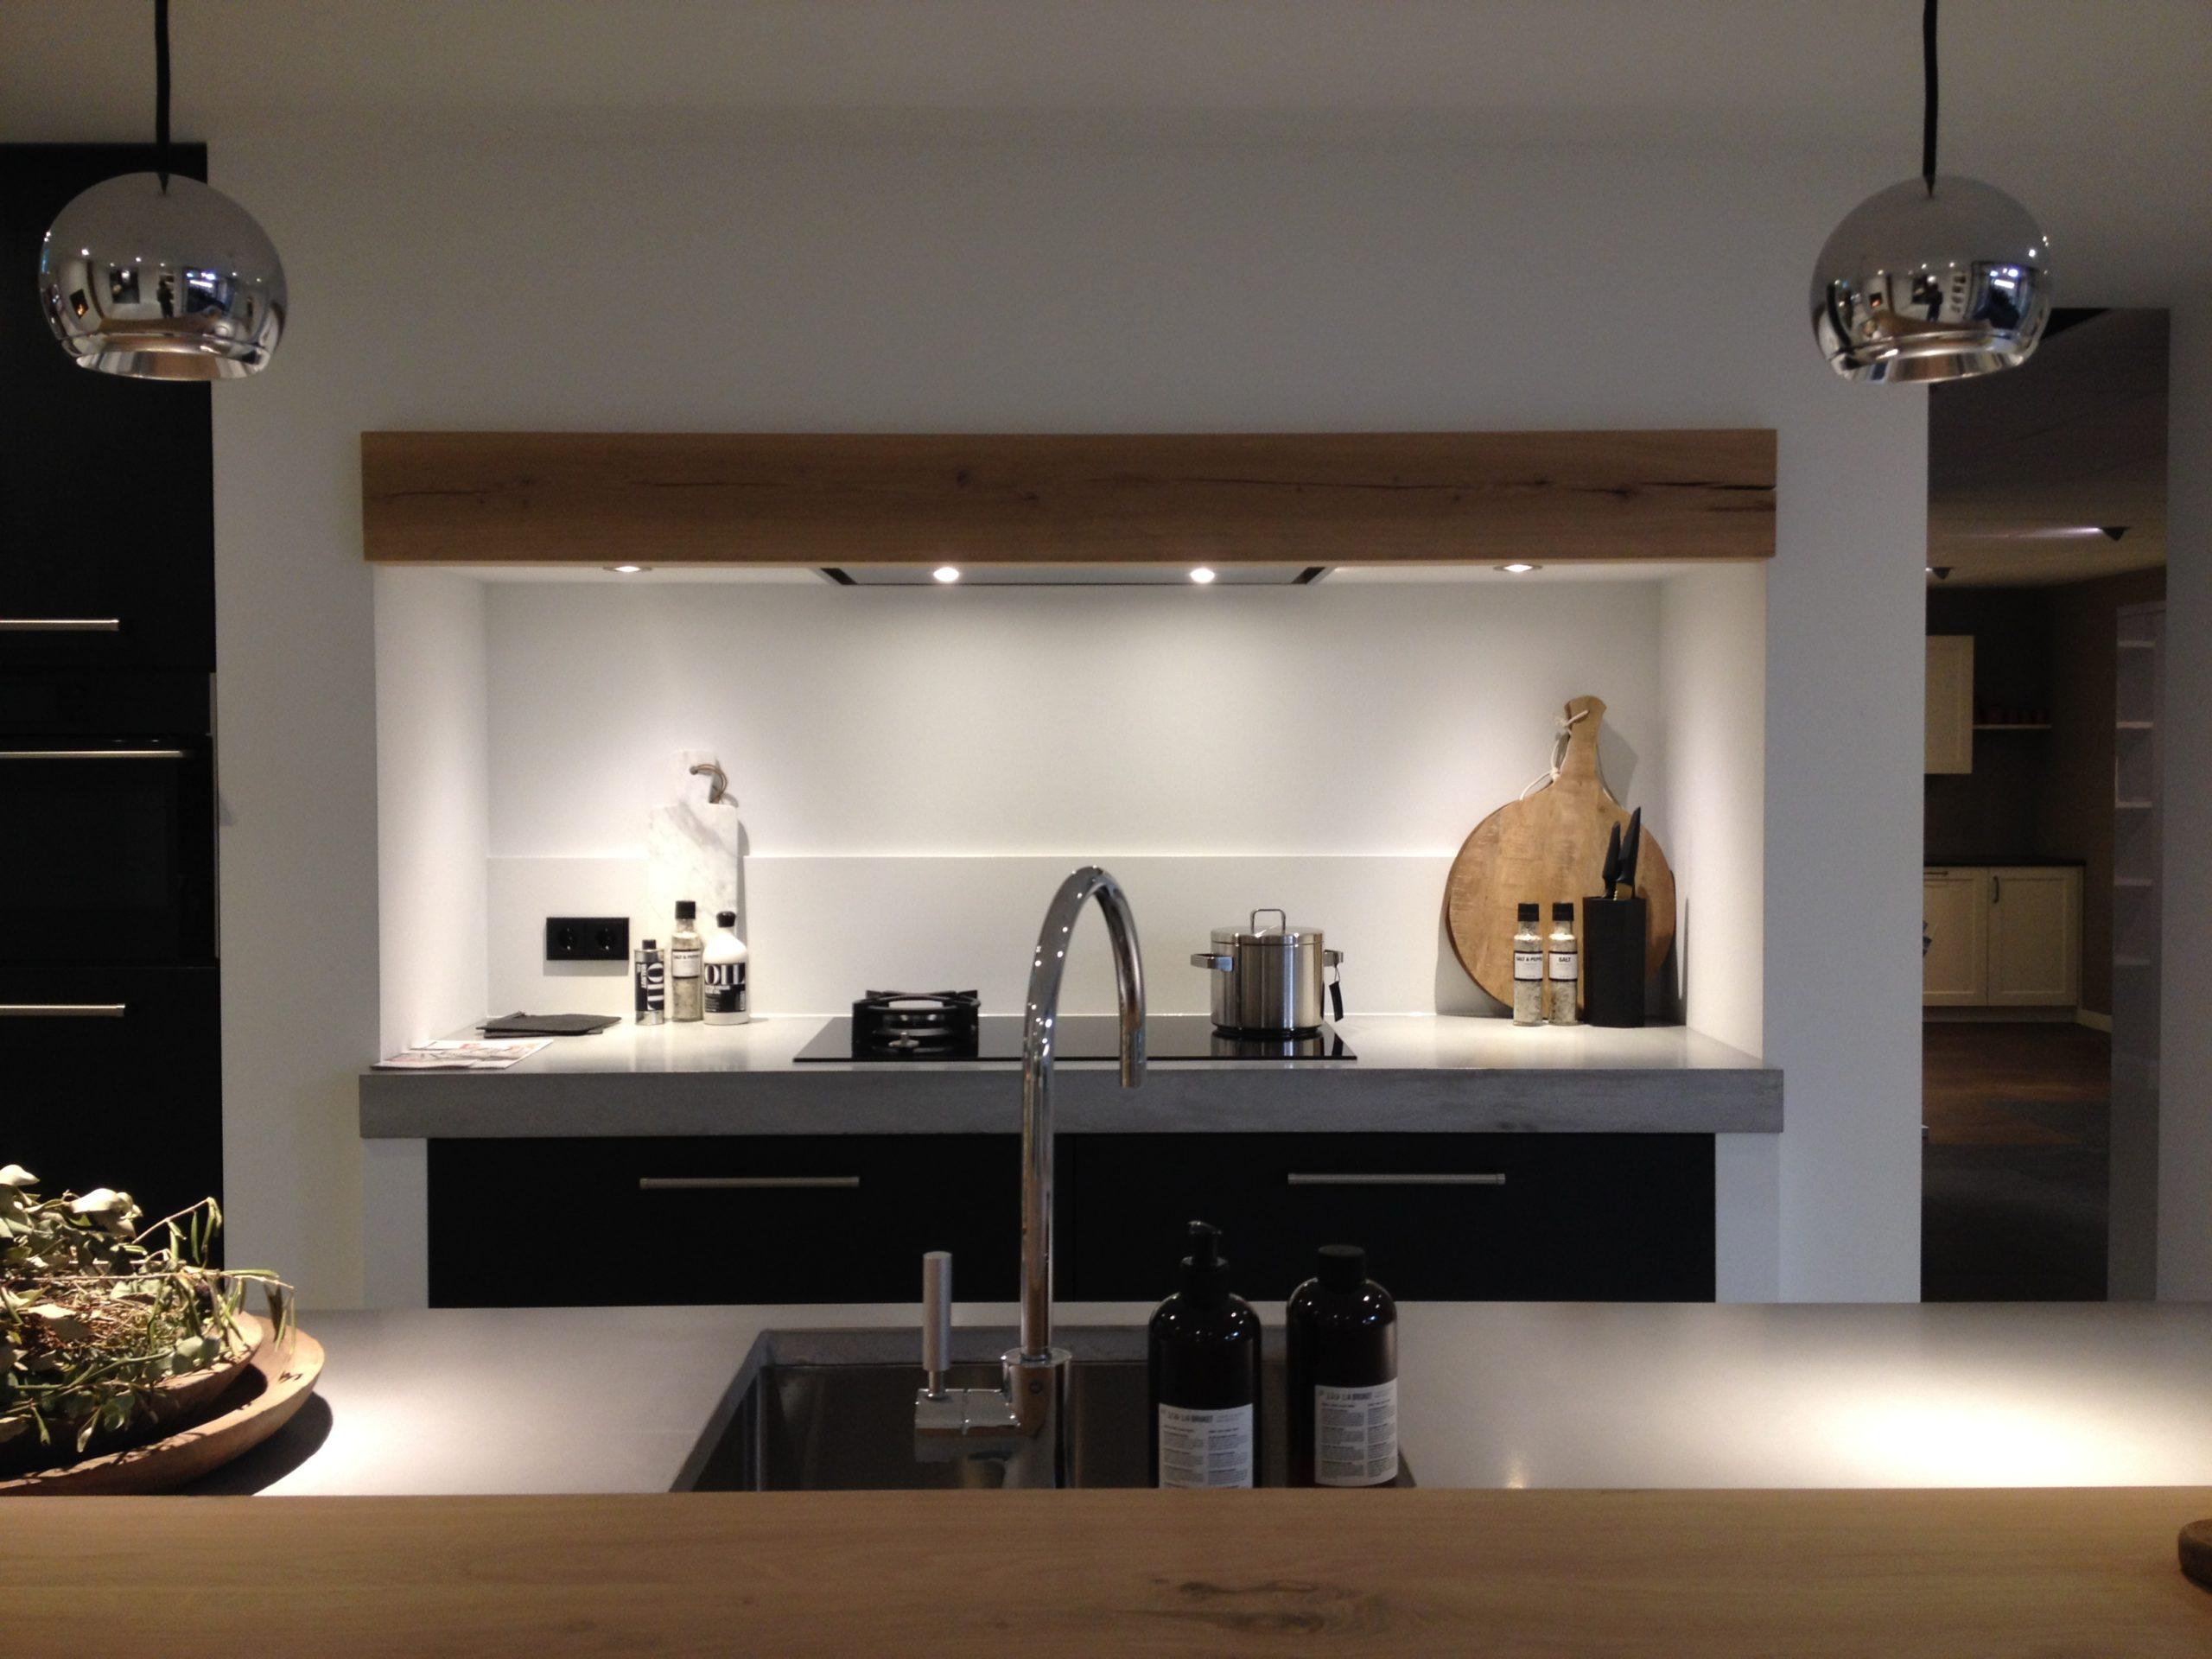 Hoe kies ik de juiste keukenverlichting?